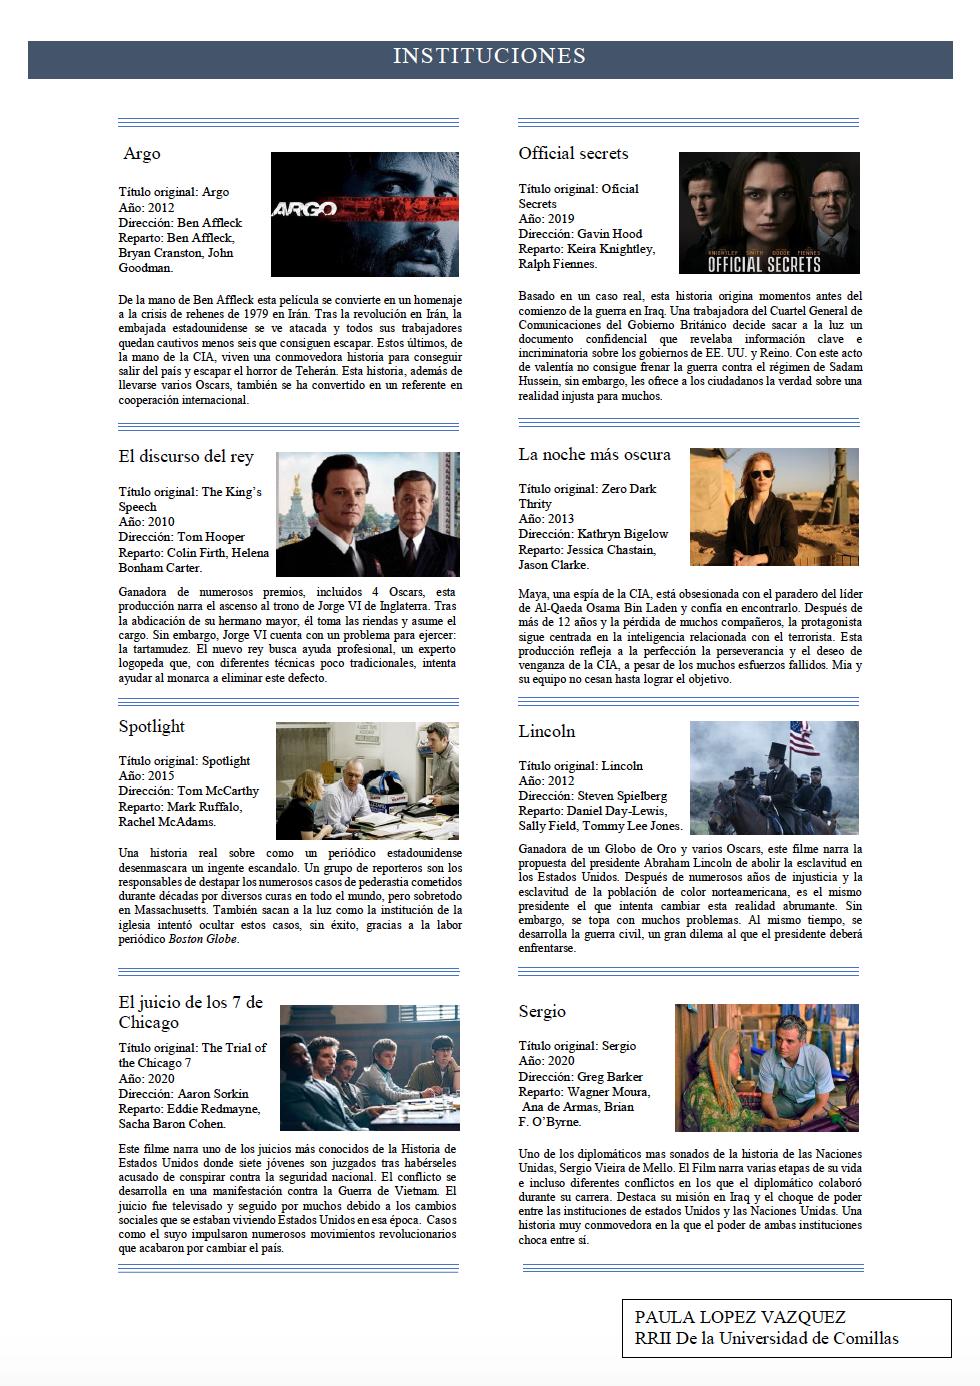 Las instituciones en el cine